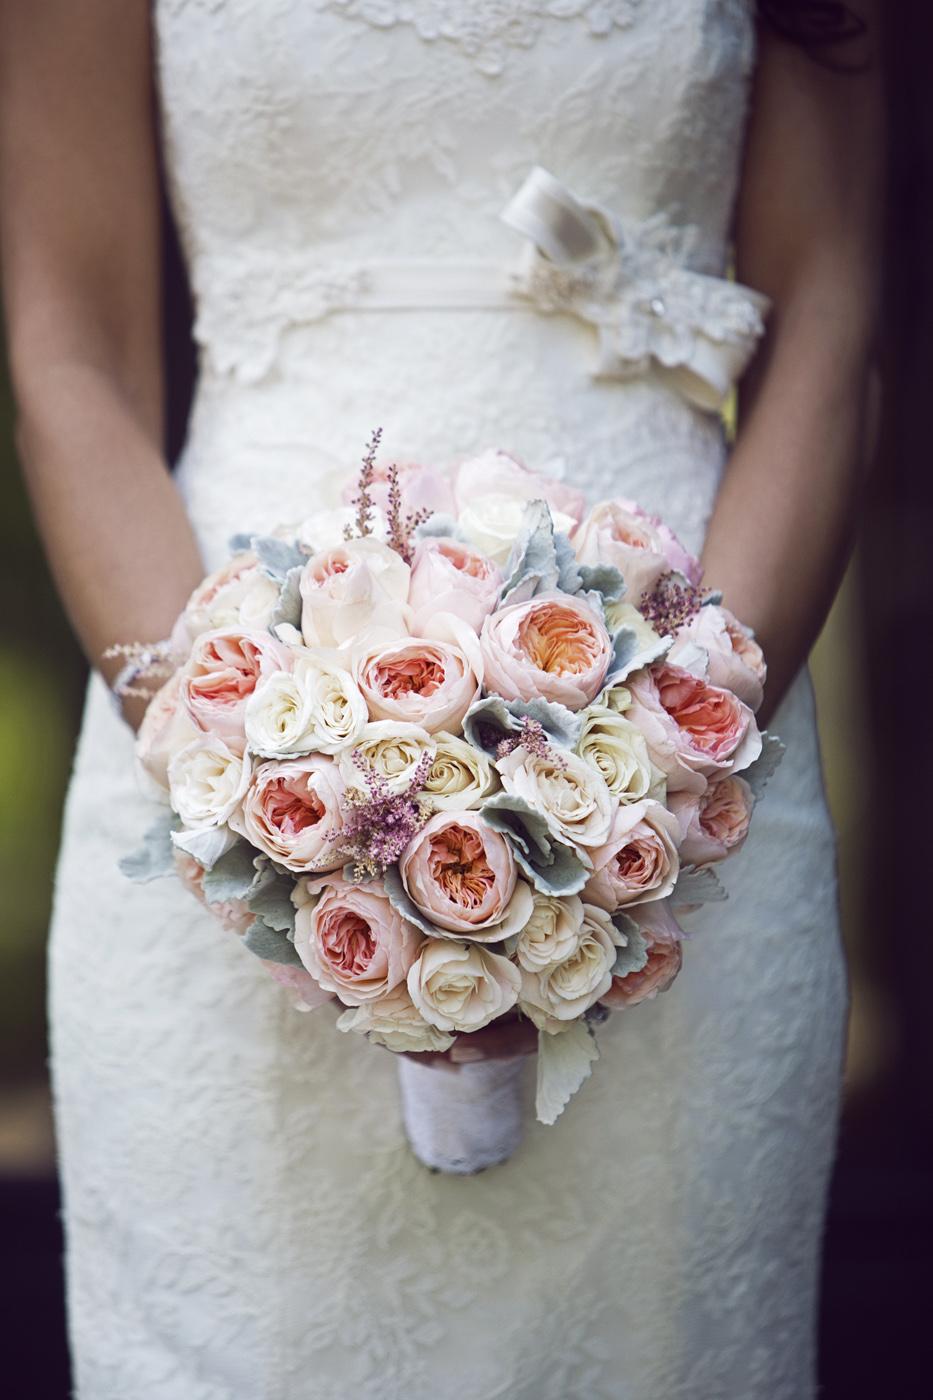 033_DukePhotography_DukeImages_Wedding_Details.jpg